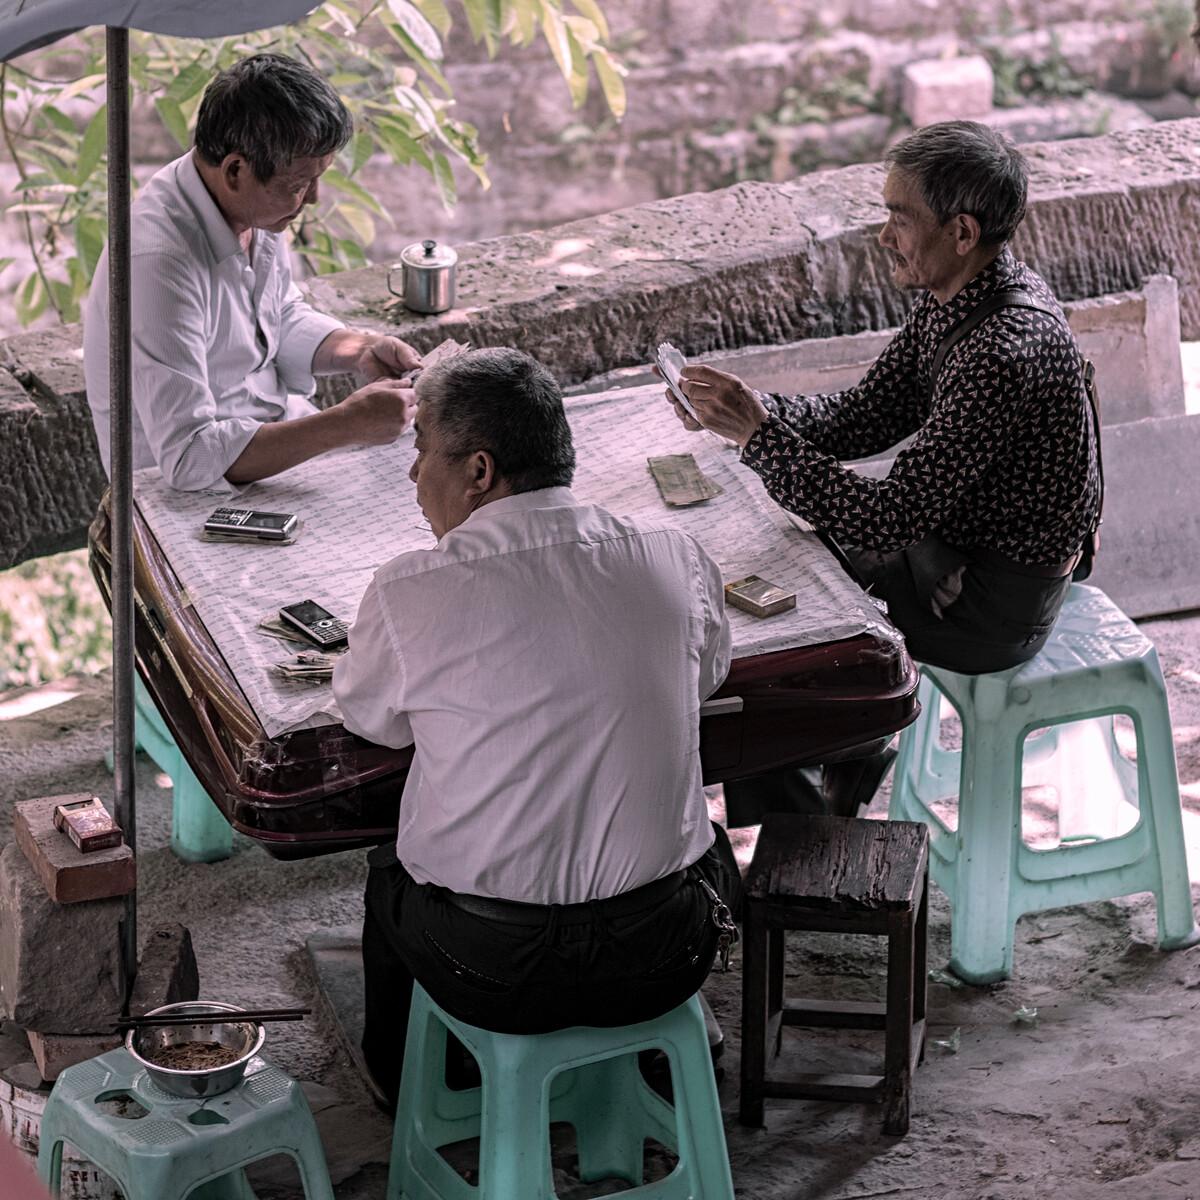 即日起,甘肃省餐饮服务单位全面恢复堂食就餐